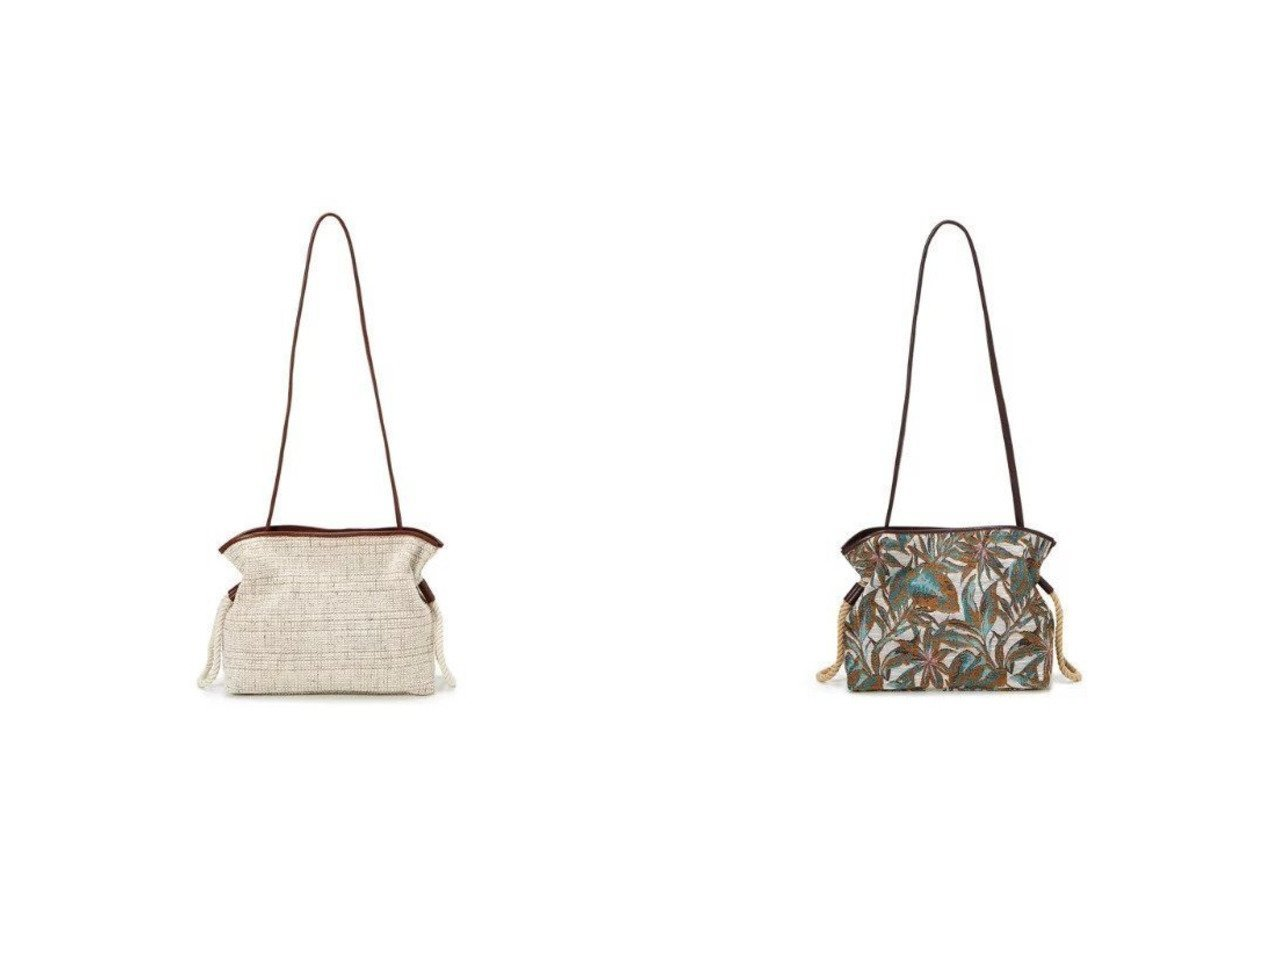 【TOPKAPI/トプカピ】のモールファブリック ドロスト ショルダーバッグ&リーフジャガード ドロスト ショルダーバッグ バッグ・鞄のおすすめ!人気、トレンド・レディースファッションの通販 おすすめで人気の流行・トレンド、ファッションの通販商品 メンズファッション・キッズファッション・インテリア・家具・レディースファッション・服の通販 founy(ファニー) https://founy.com/ ファッション Fashion レディースファッション WOMEN バッグ Bag ショルダー シンプル フランス ボタニカル リゾート 巾着  ID:crp329100000014476